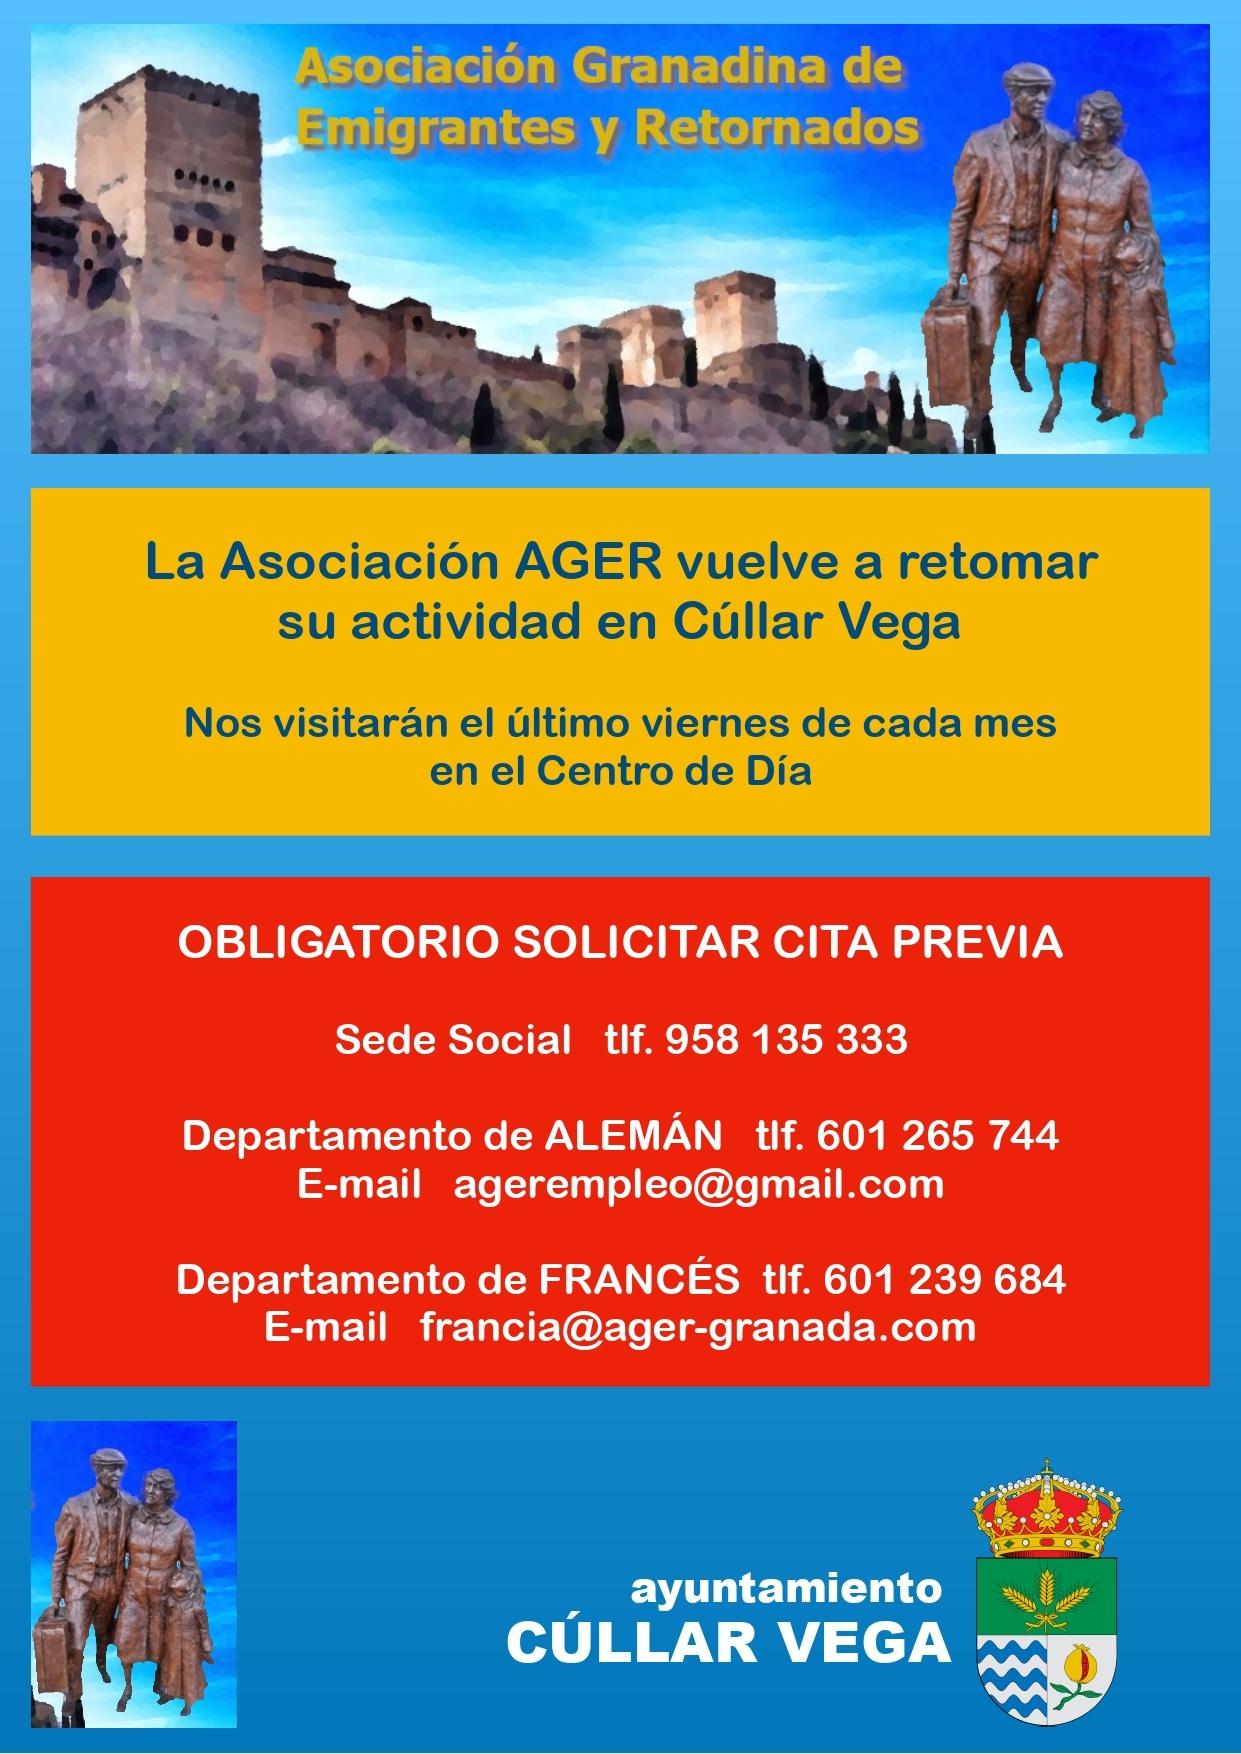 La Asociación Granadina de Emigrantes y Retornados vuelve a retomar su actividad en Cúllar Vega